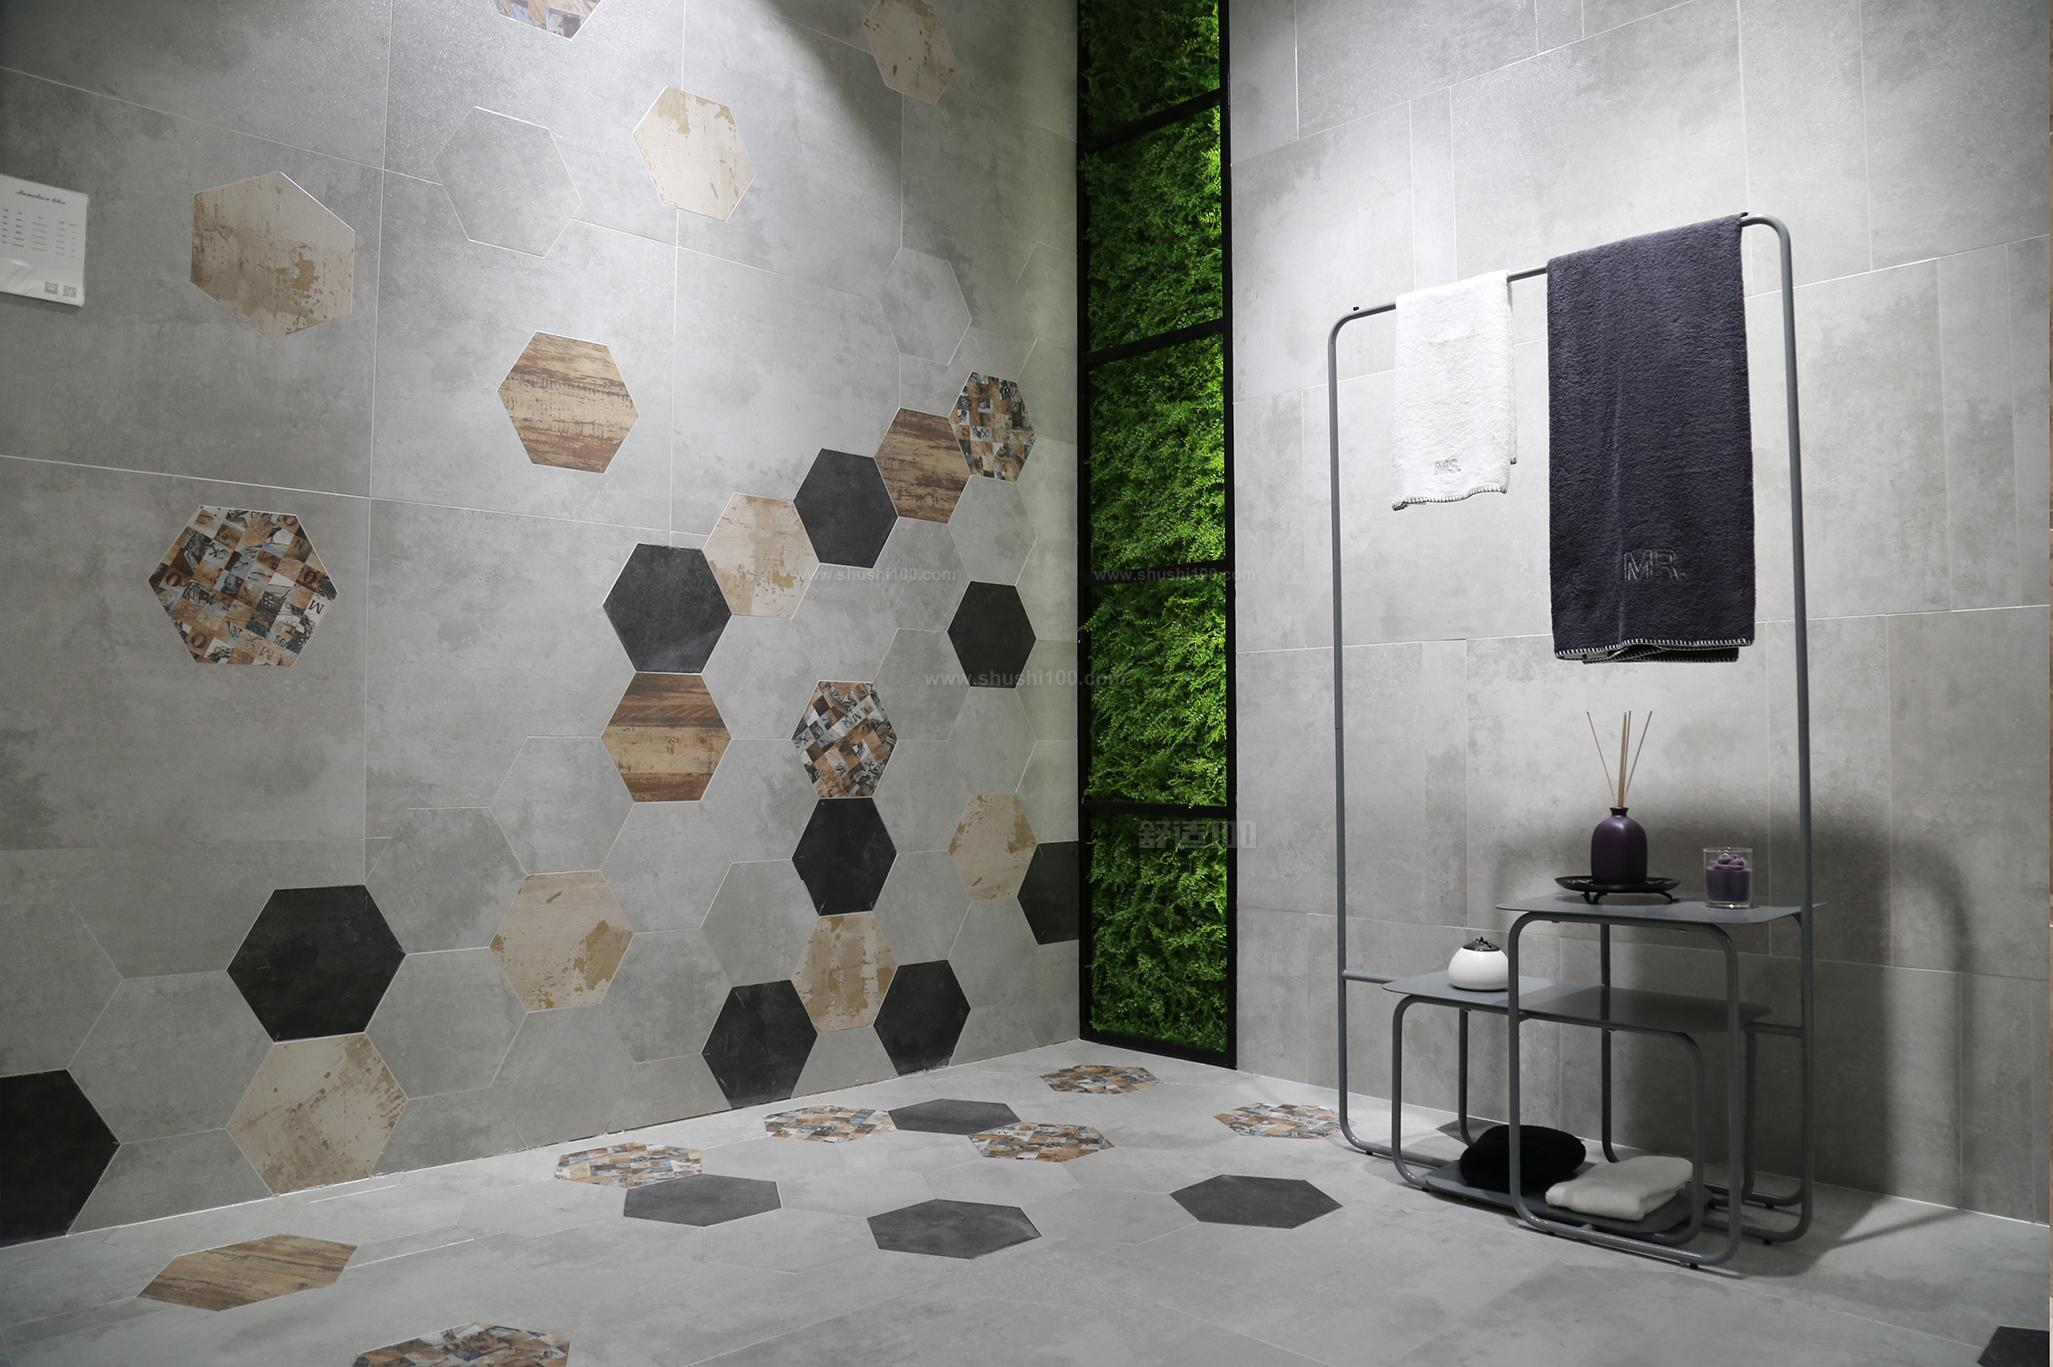 2019年名典瓷砖排行_威尔斯大厅瓷砖图片大全效果图